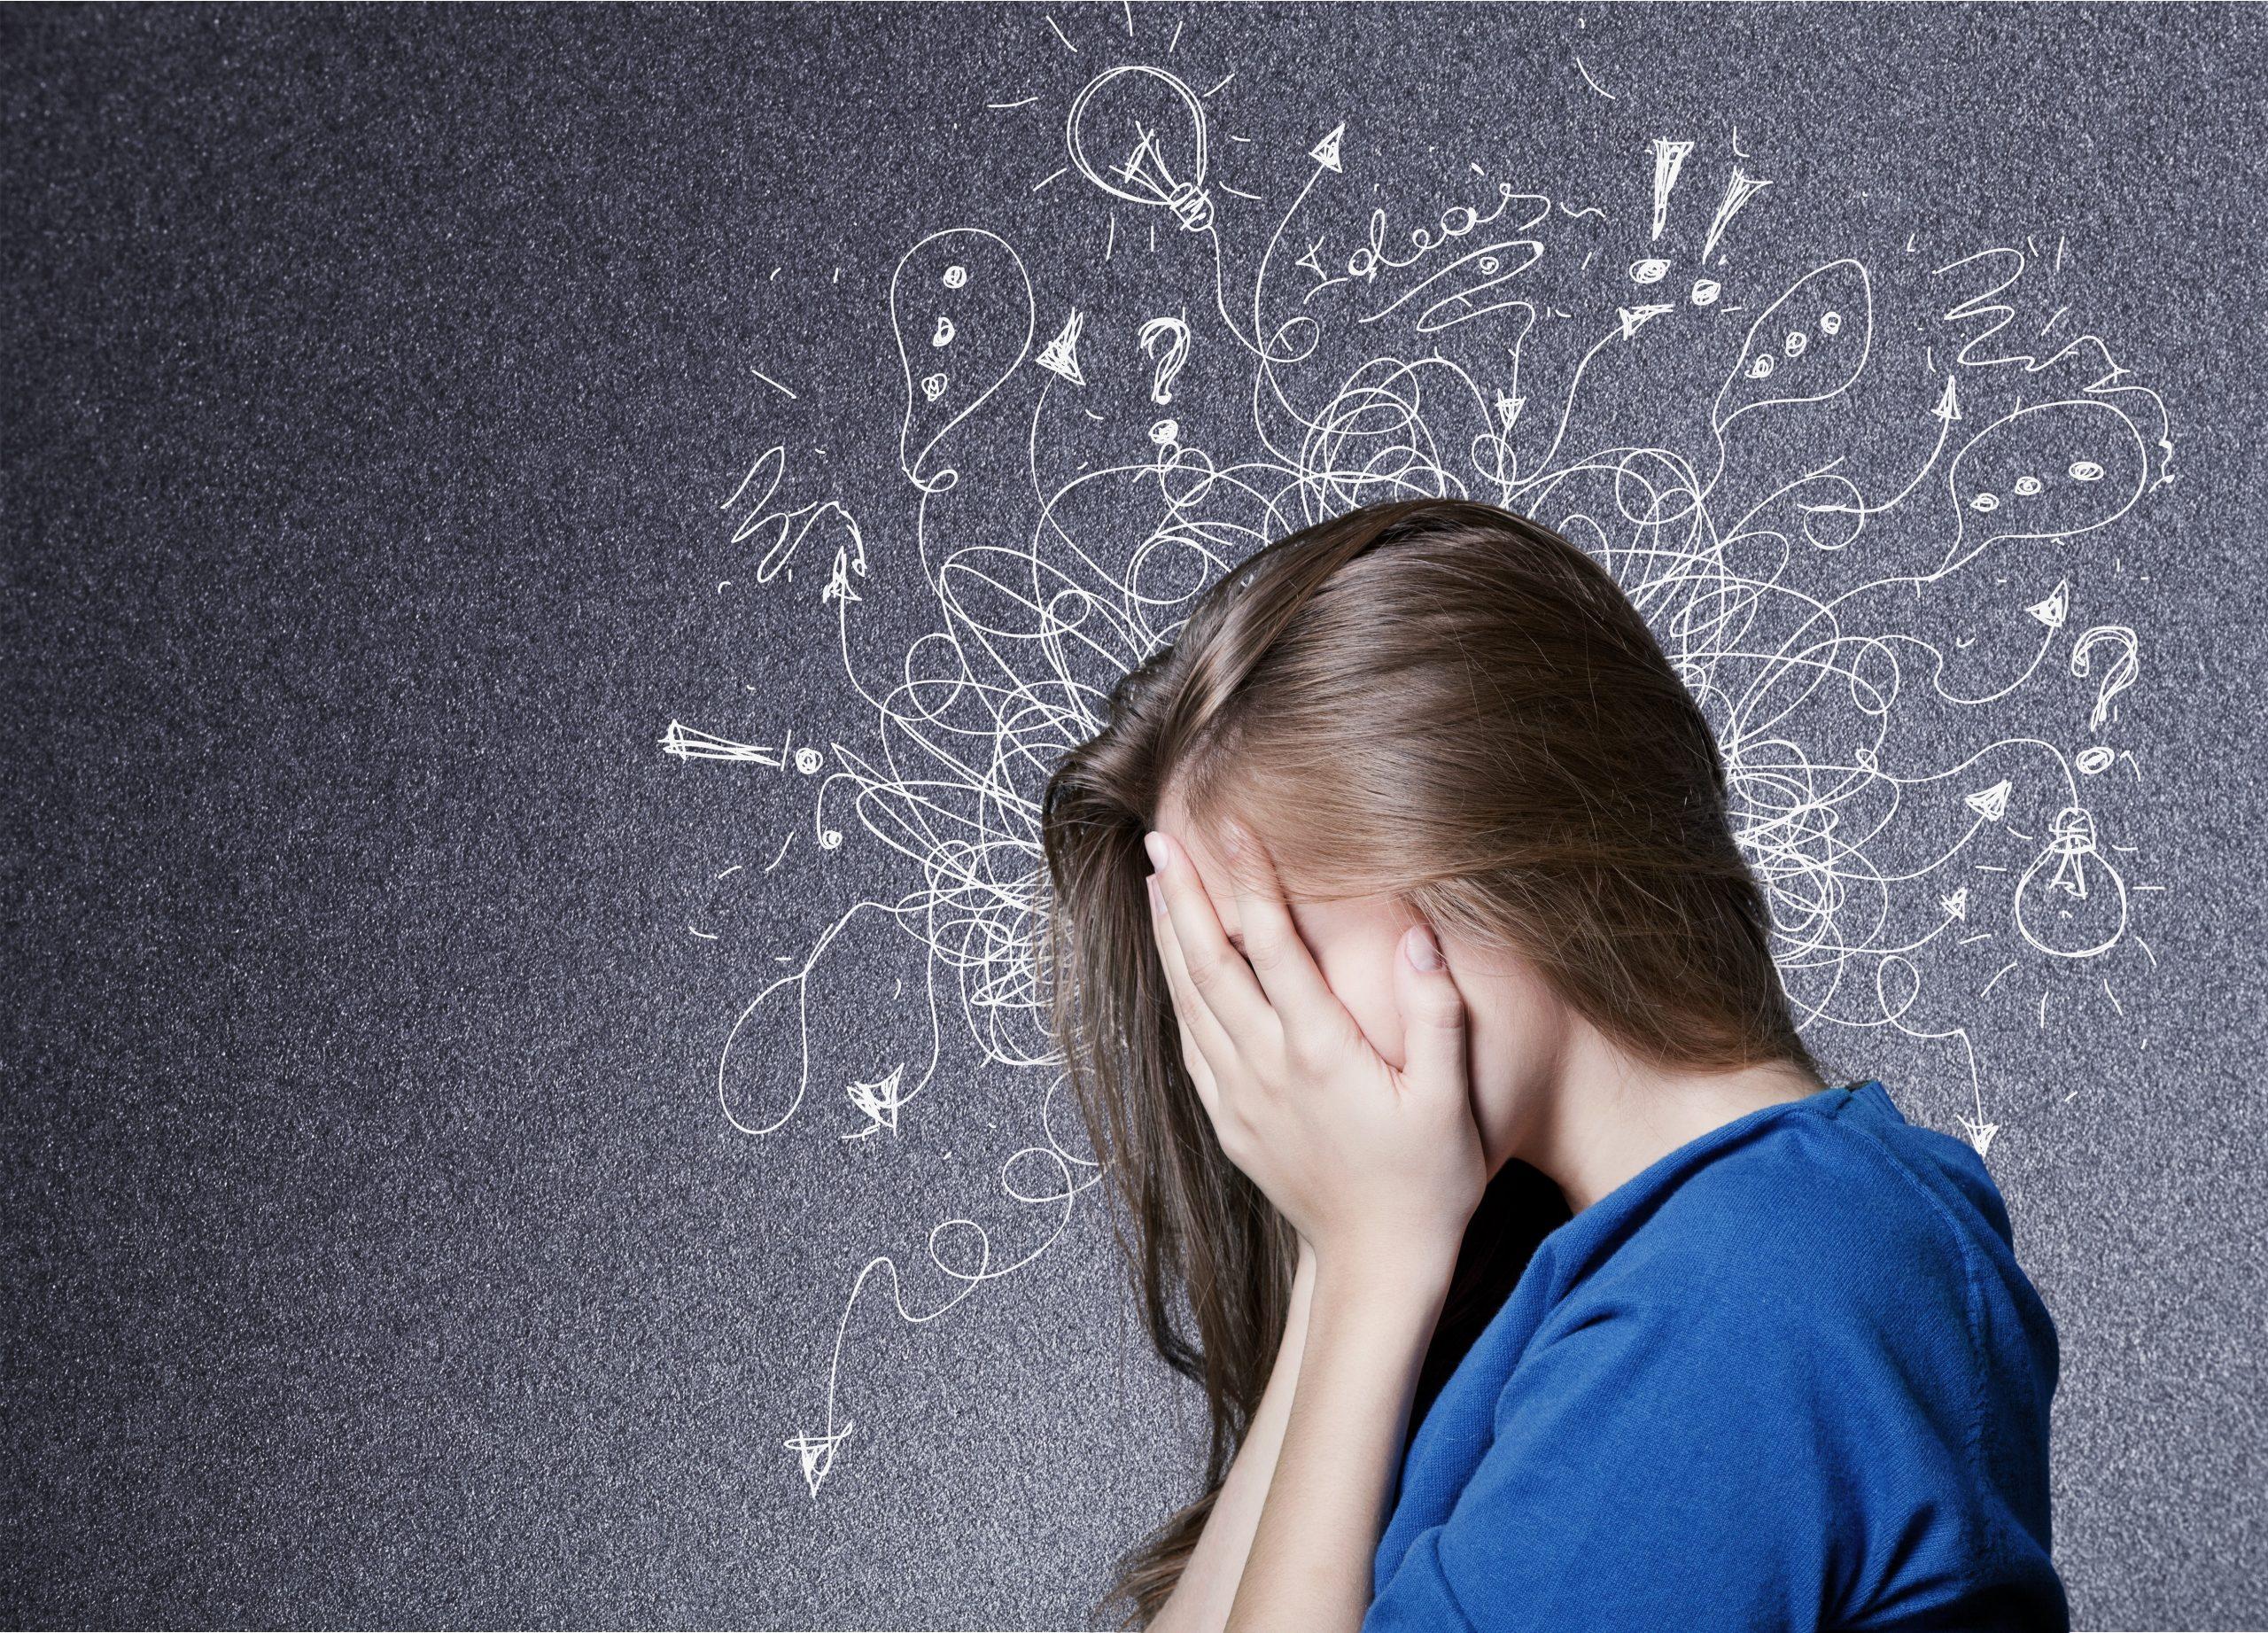 angst wordt een probleem wanneer je erkent het niet lijkt te verdwijnen